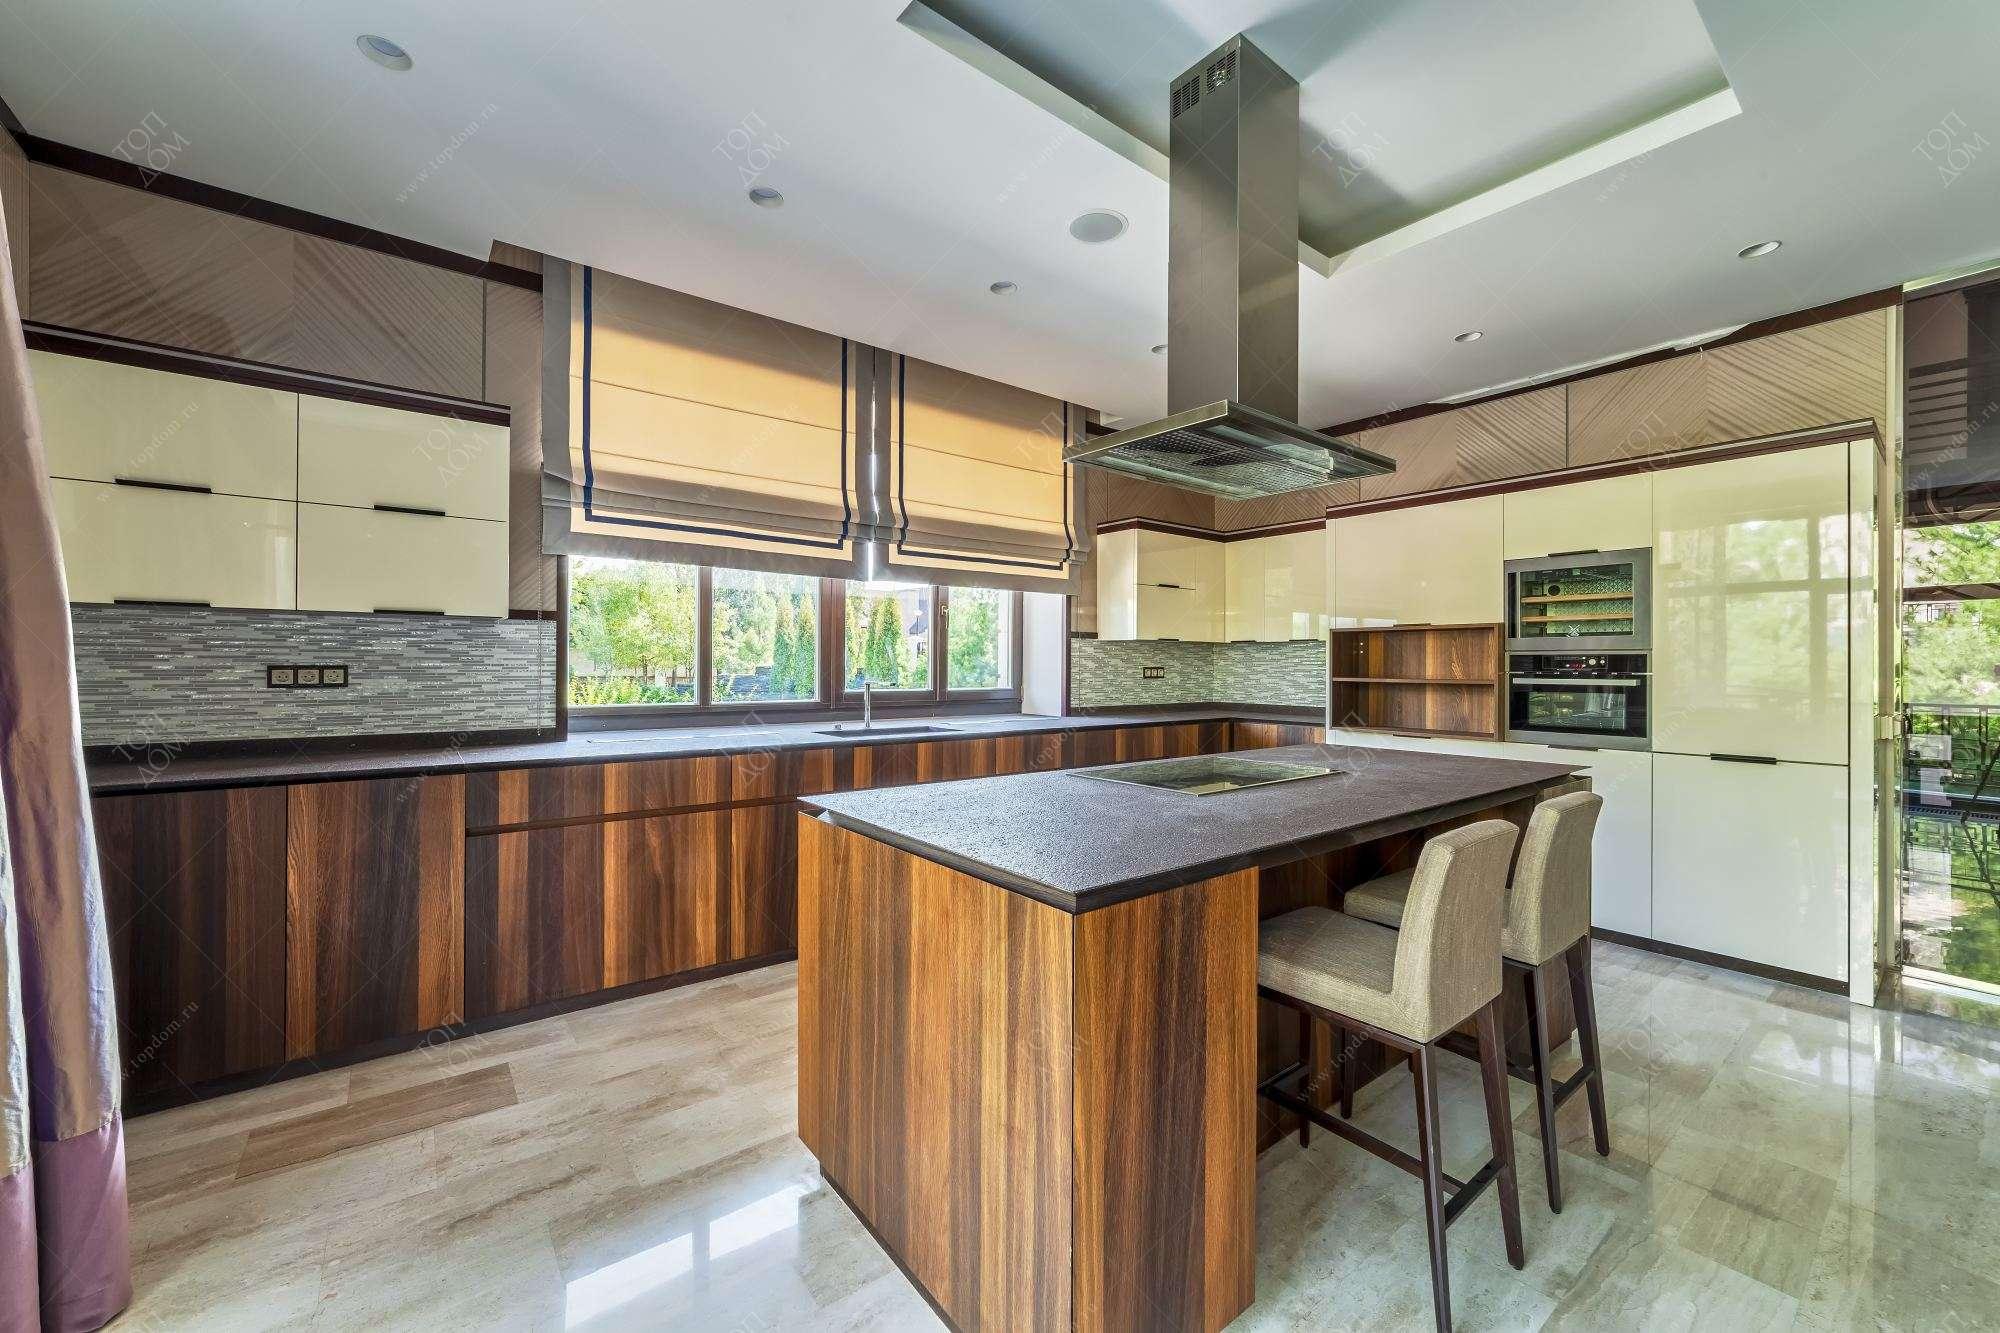 Проект интерьера кухни в доме